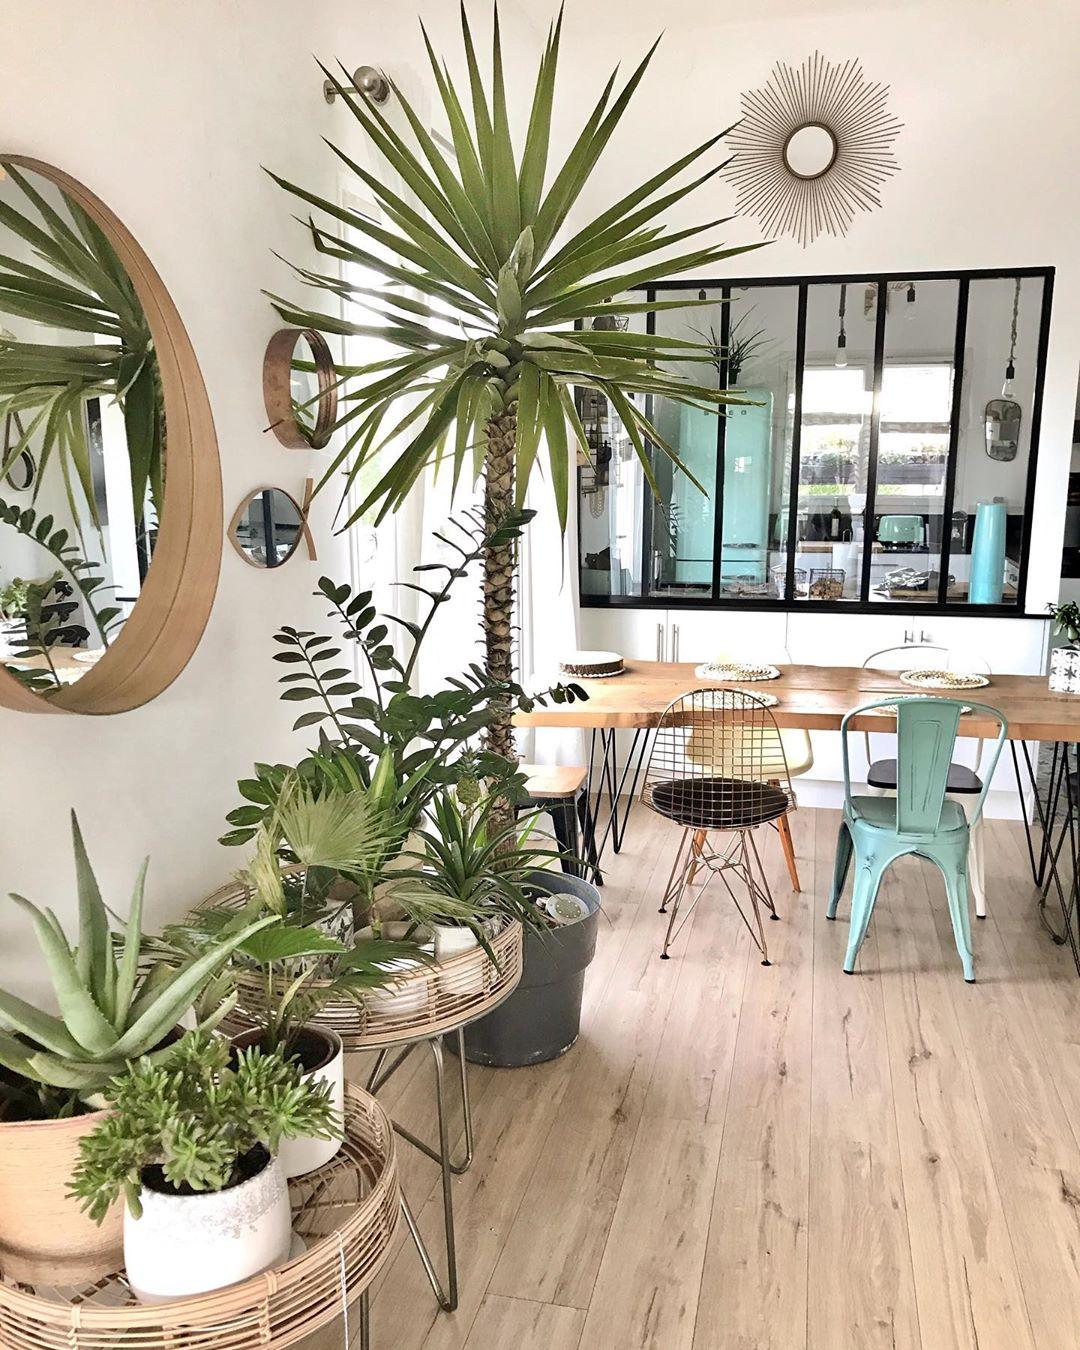 séjour parquet en bois plantes verte déco tropicale chaises dépareillées blog clematc